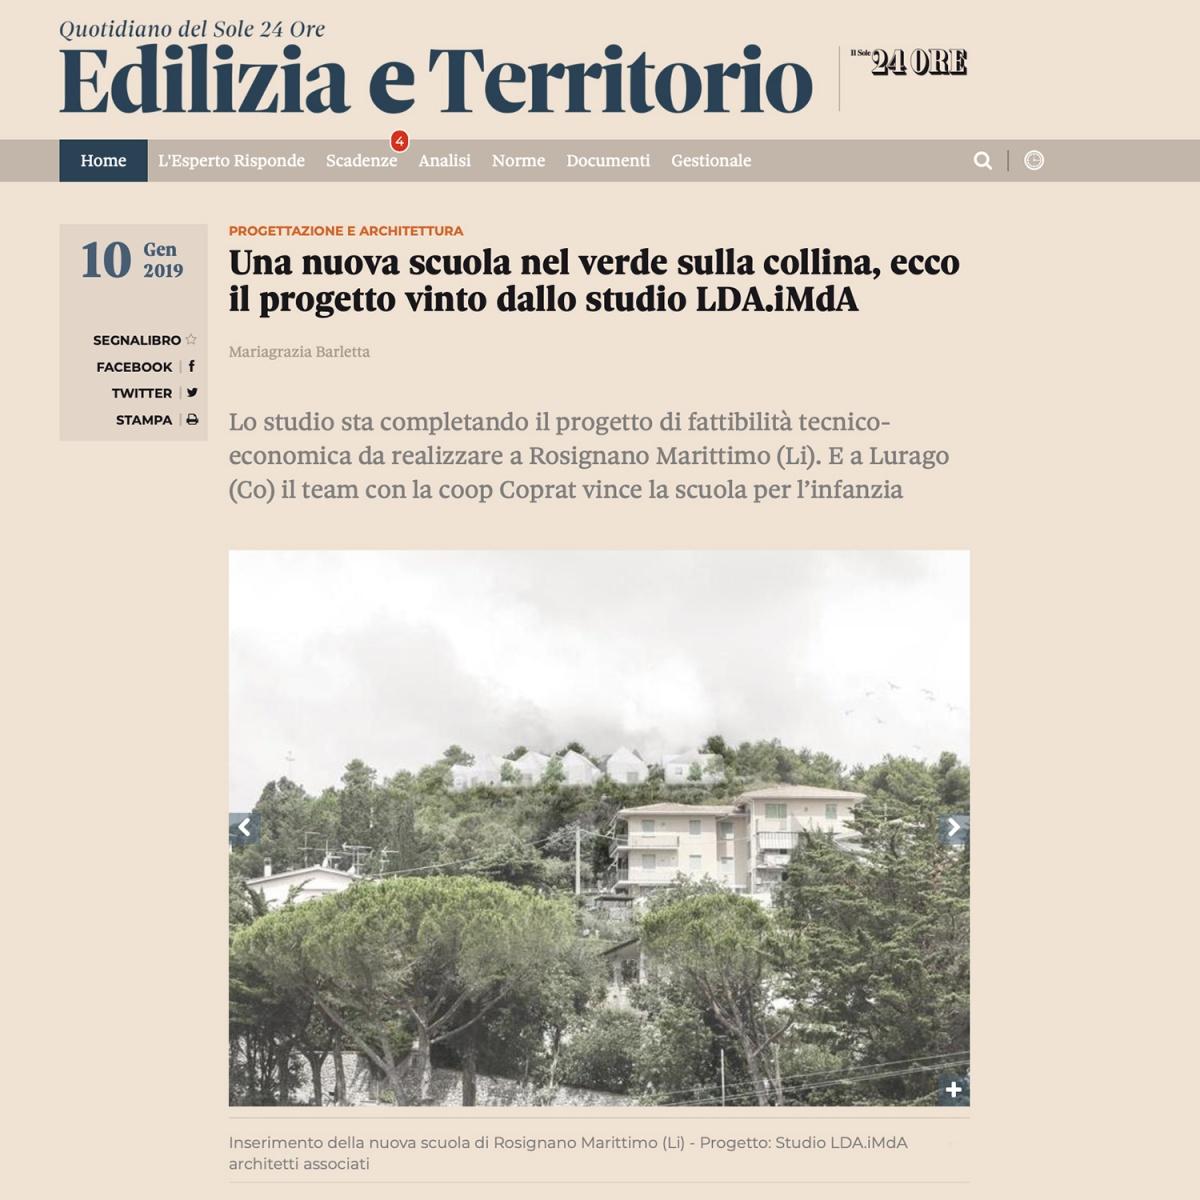 concorso polo scolastico scuola rosignano livorno vinvitore concorso ldaimda pubblicato su sole 24 ore edilizia e territorio